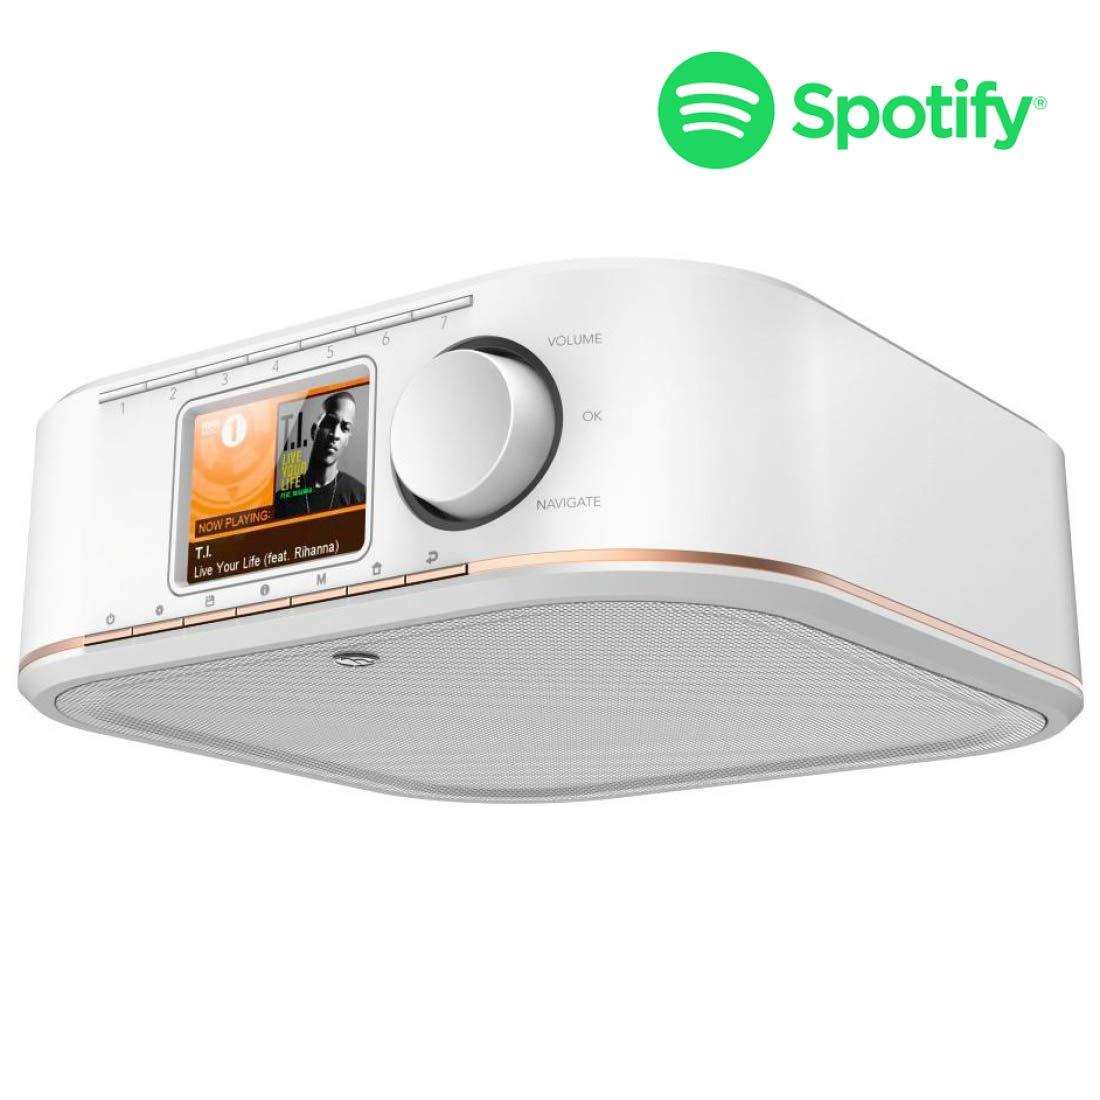 Hama Internetradio Küchenradio Unterbau (Streaming Spotify, unterbaufähig,  200,200 Zoll Farbdisplay, WiFi/WLAN, 200 Weckzeiten, Multiroom, Klemmmontage ohne